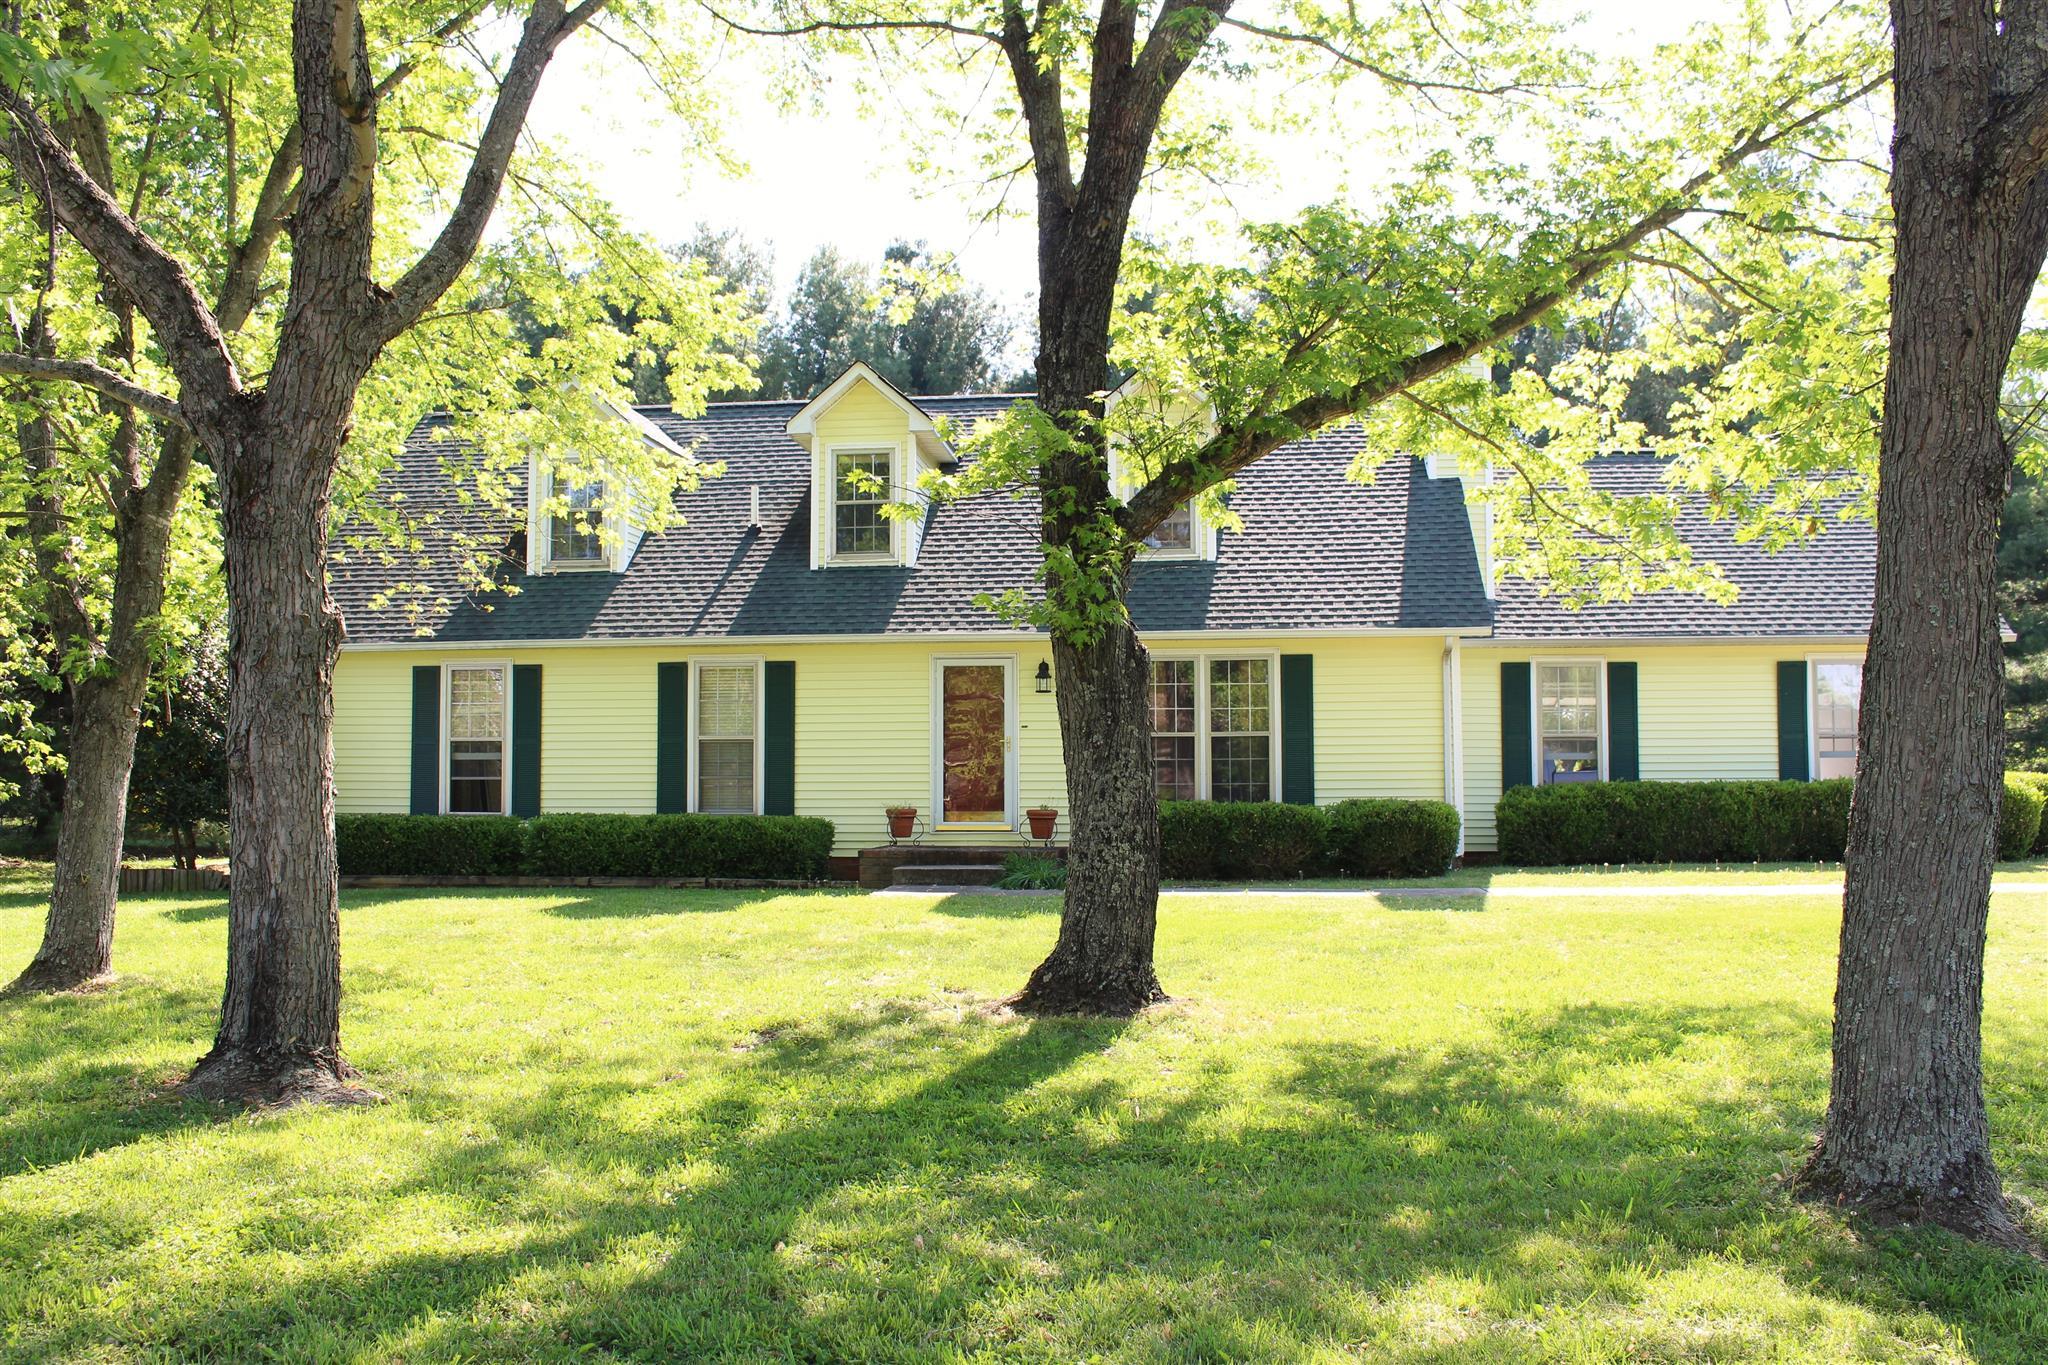 1825 Fox Camp Ct, Murfreesboro, TN 37127